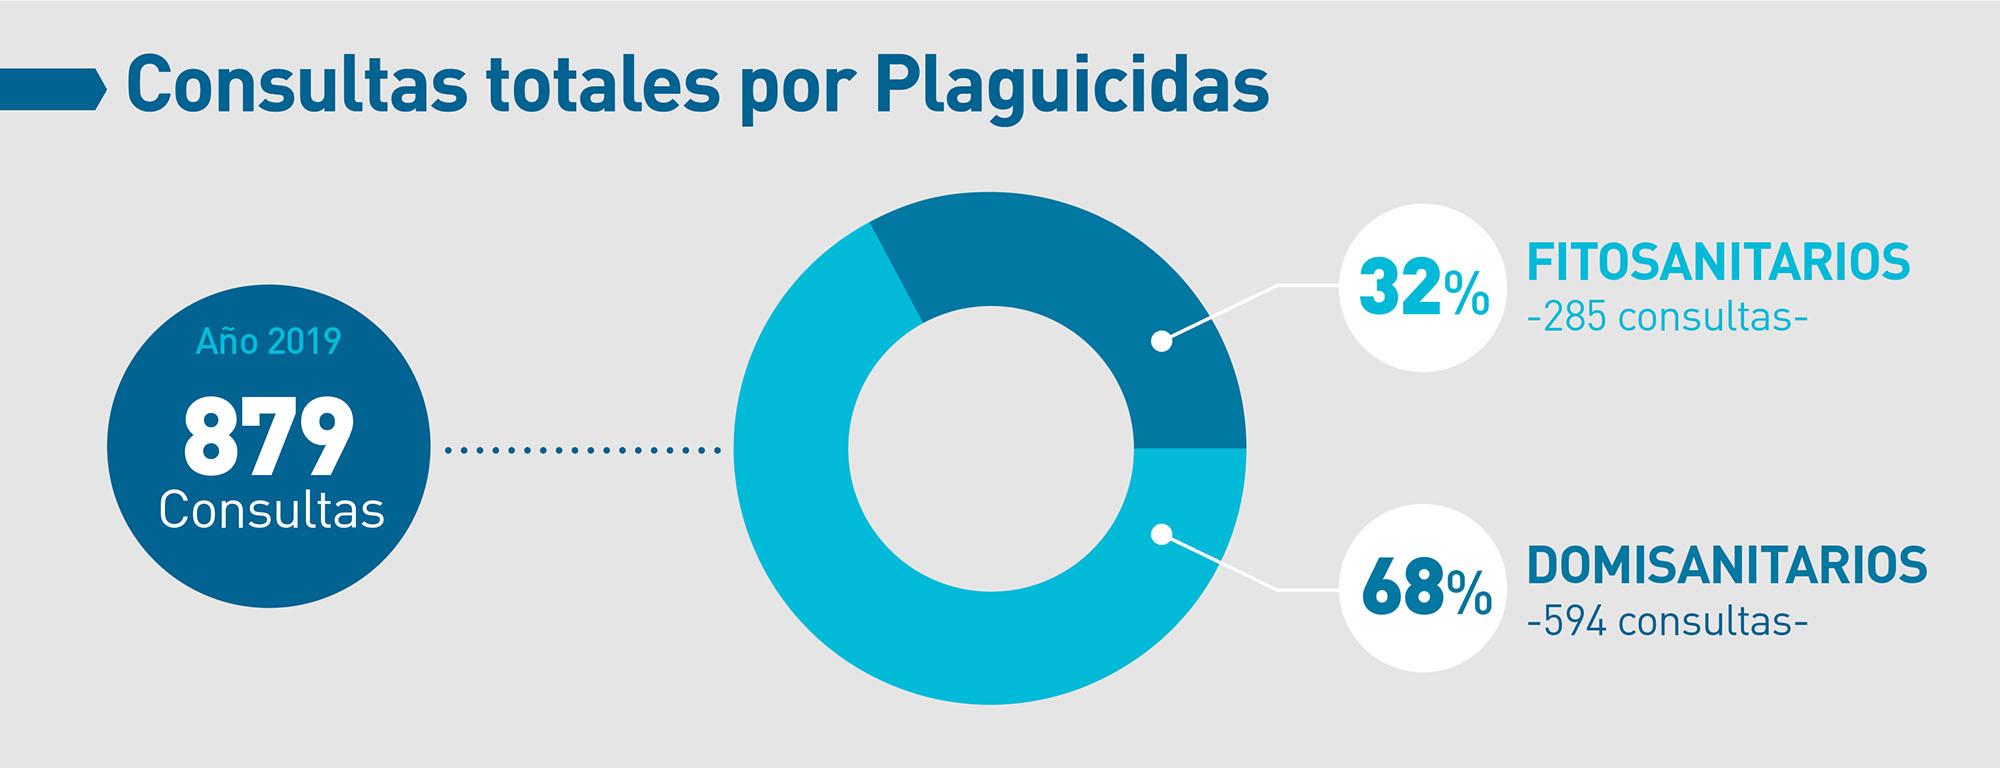 casafe-agroquimicos-y-salud-grafico-02-estadisticas-toxicologicas-2020